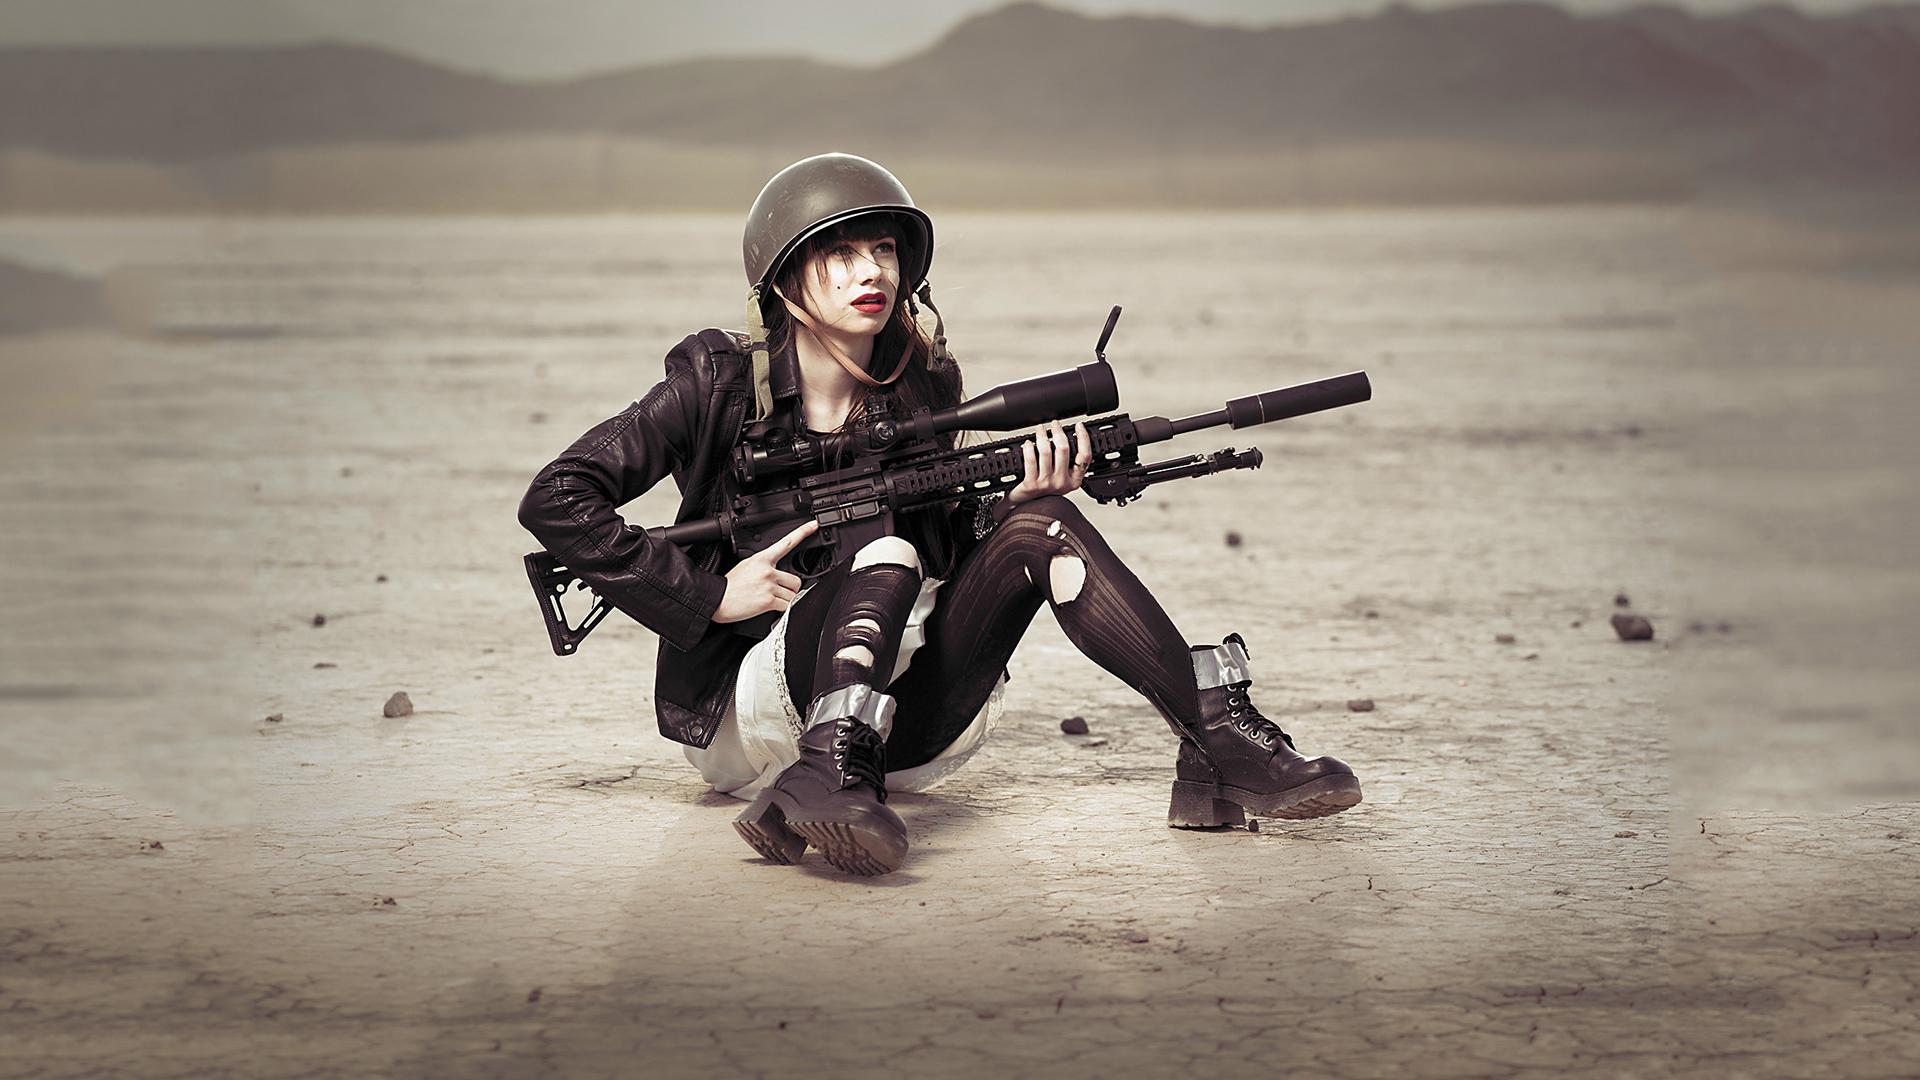 Chicas soldados con armas - 1920x1080